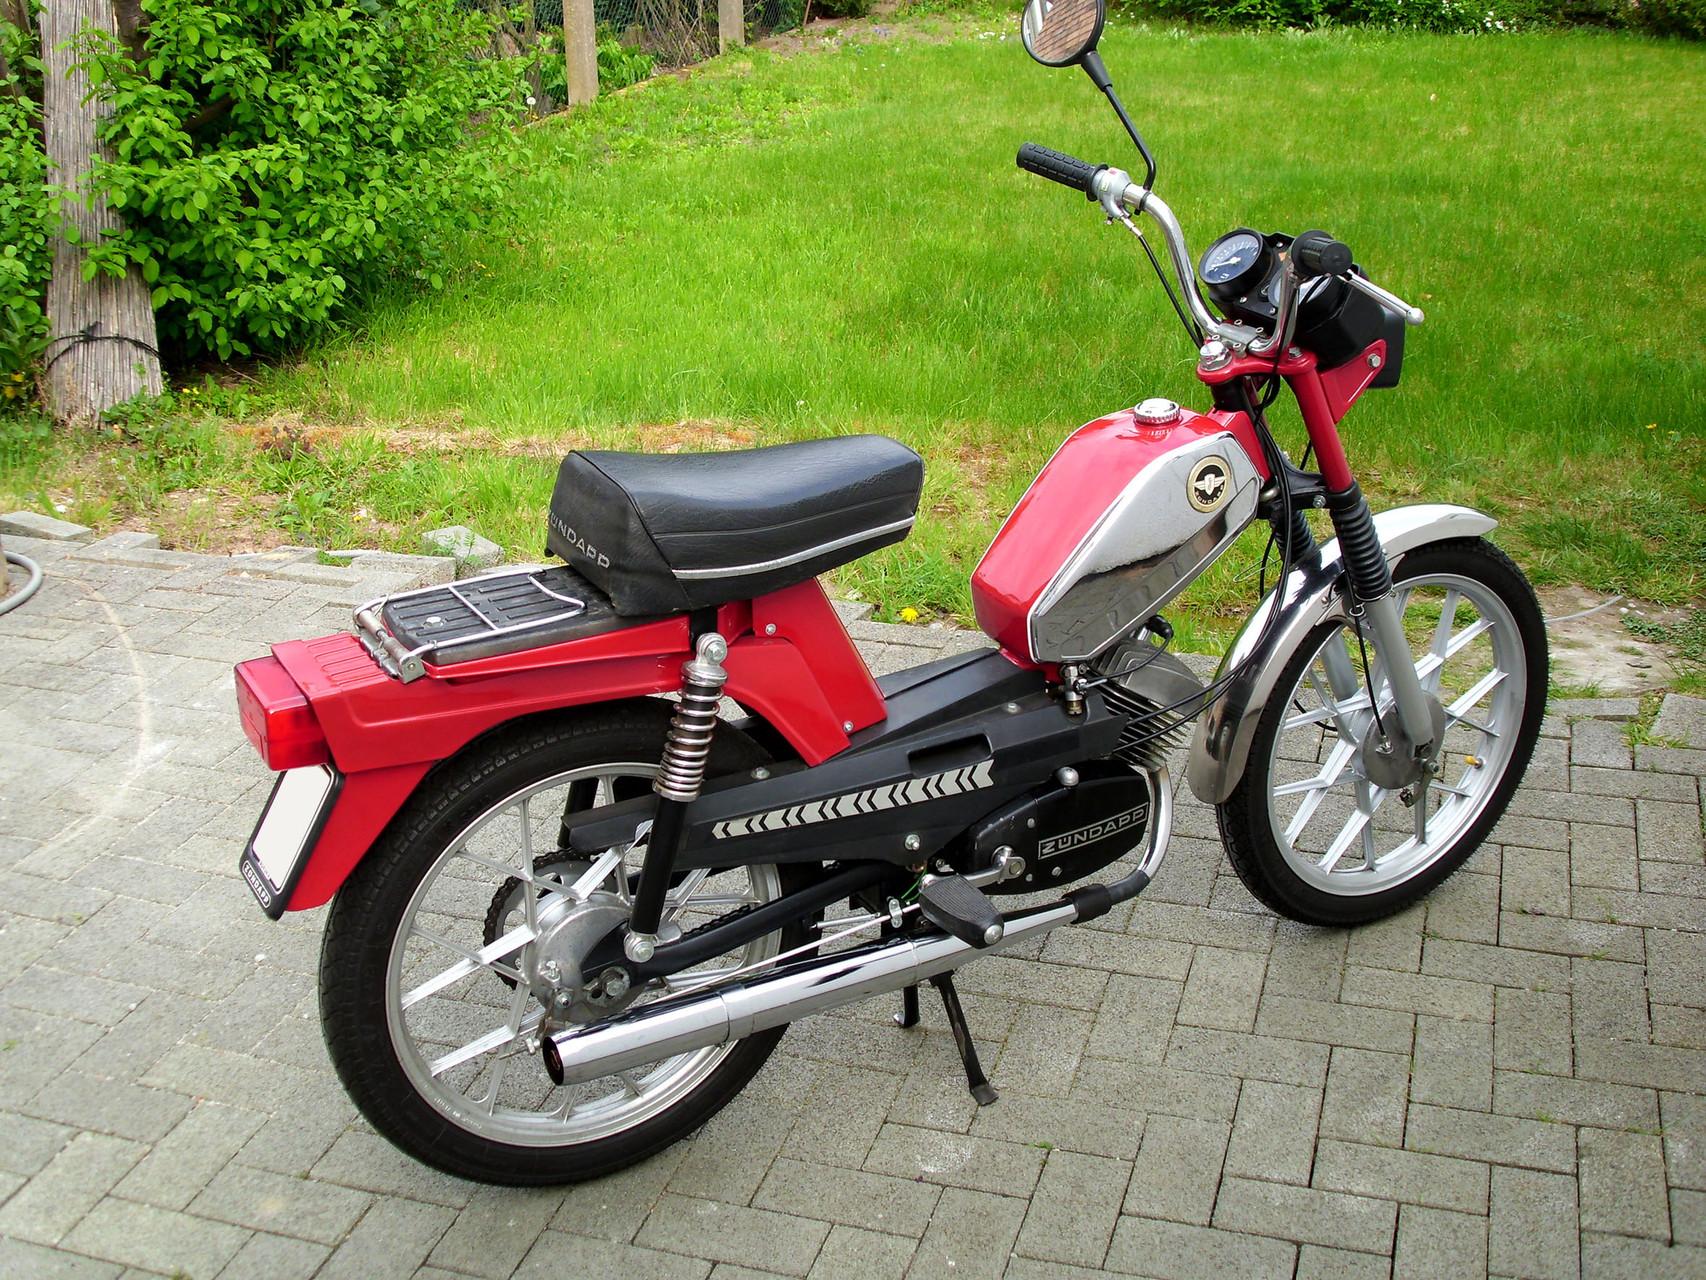 Schymik - Motorradwerkstatt Hanau / Klein-Auheim